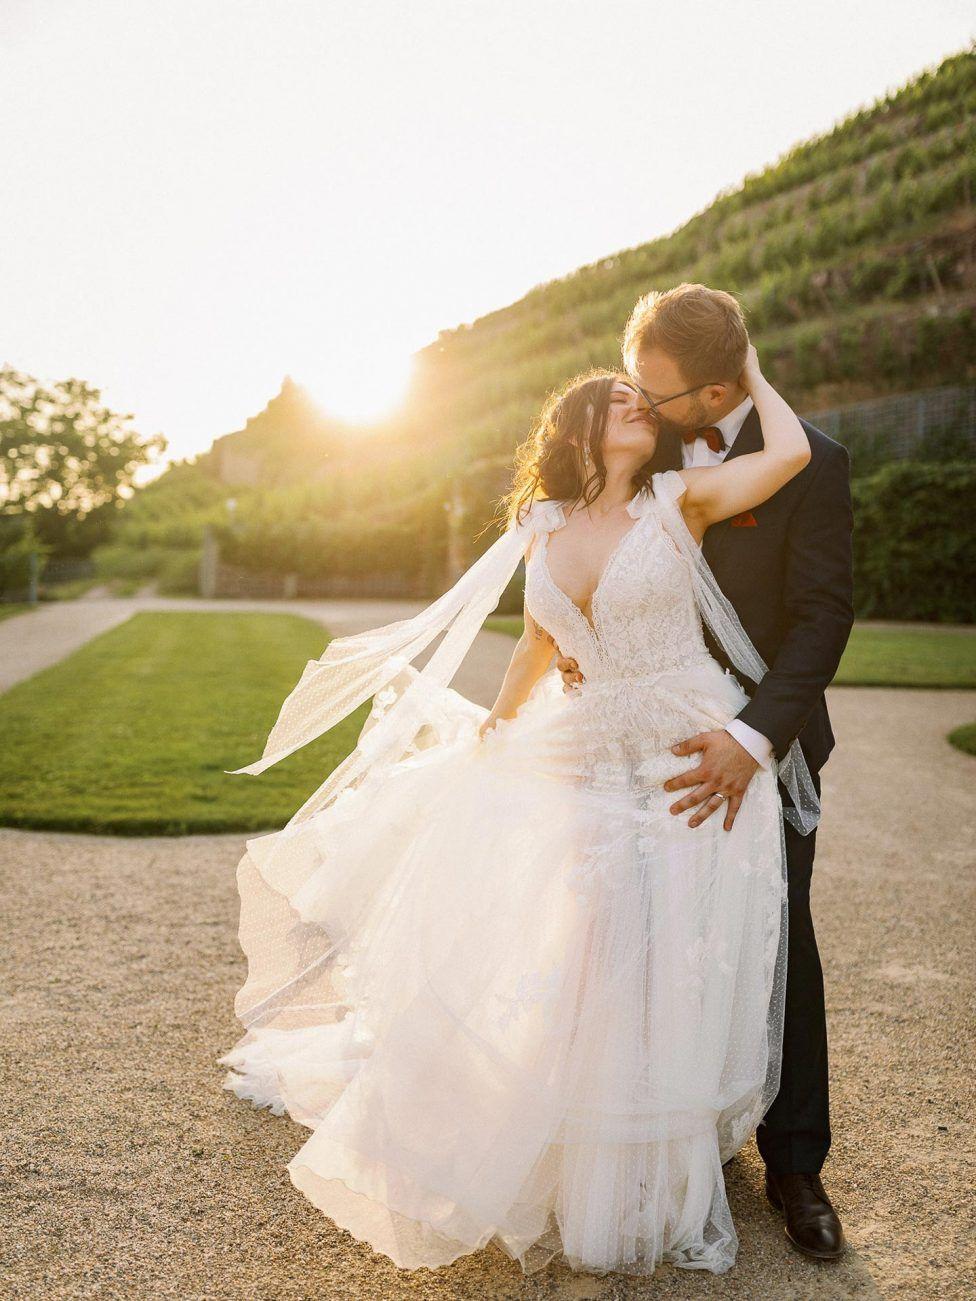 Schloss Wackerbarth Hochzeit Fur Alle Sinne Hochzeitswahn Sei Inspiriert In 2020 Hochzeitskleid Spitze Kleid Hochzeit Hochzeit